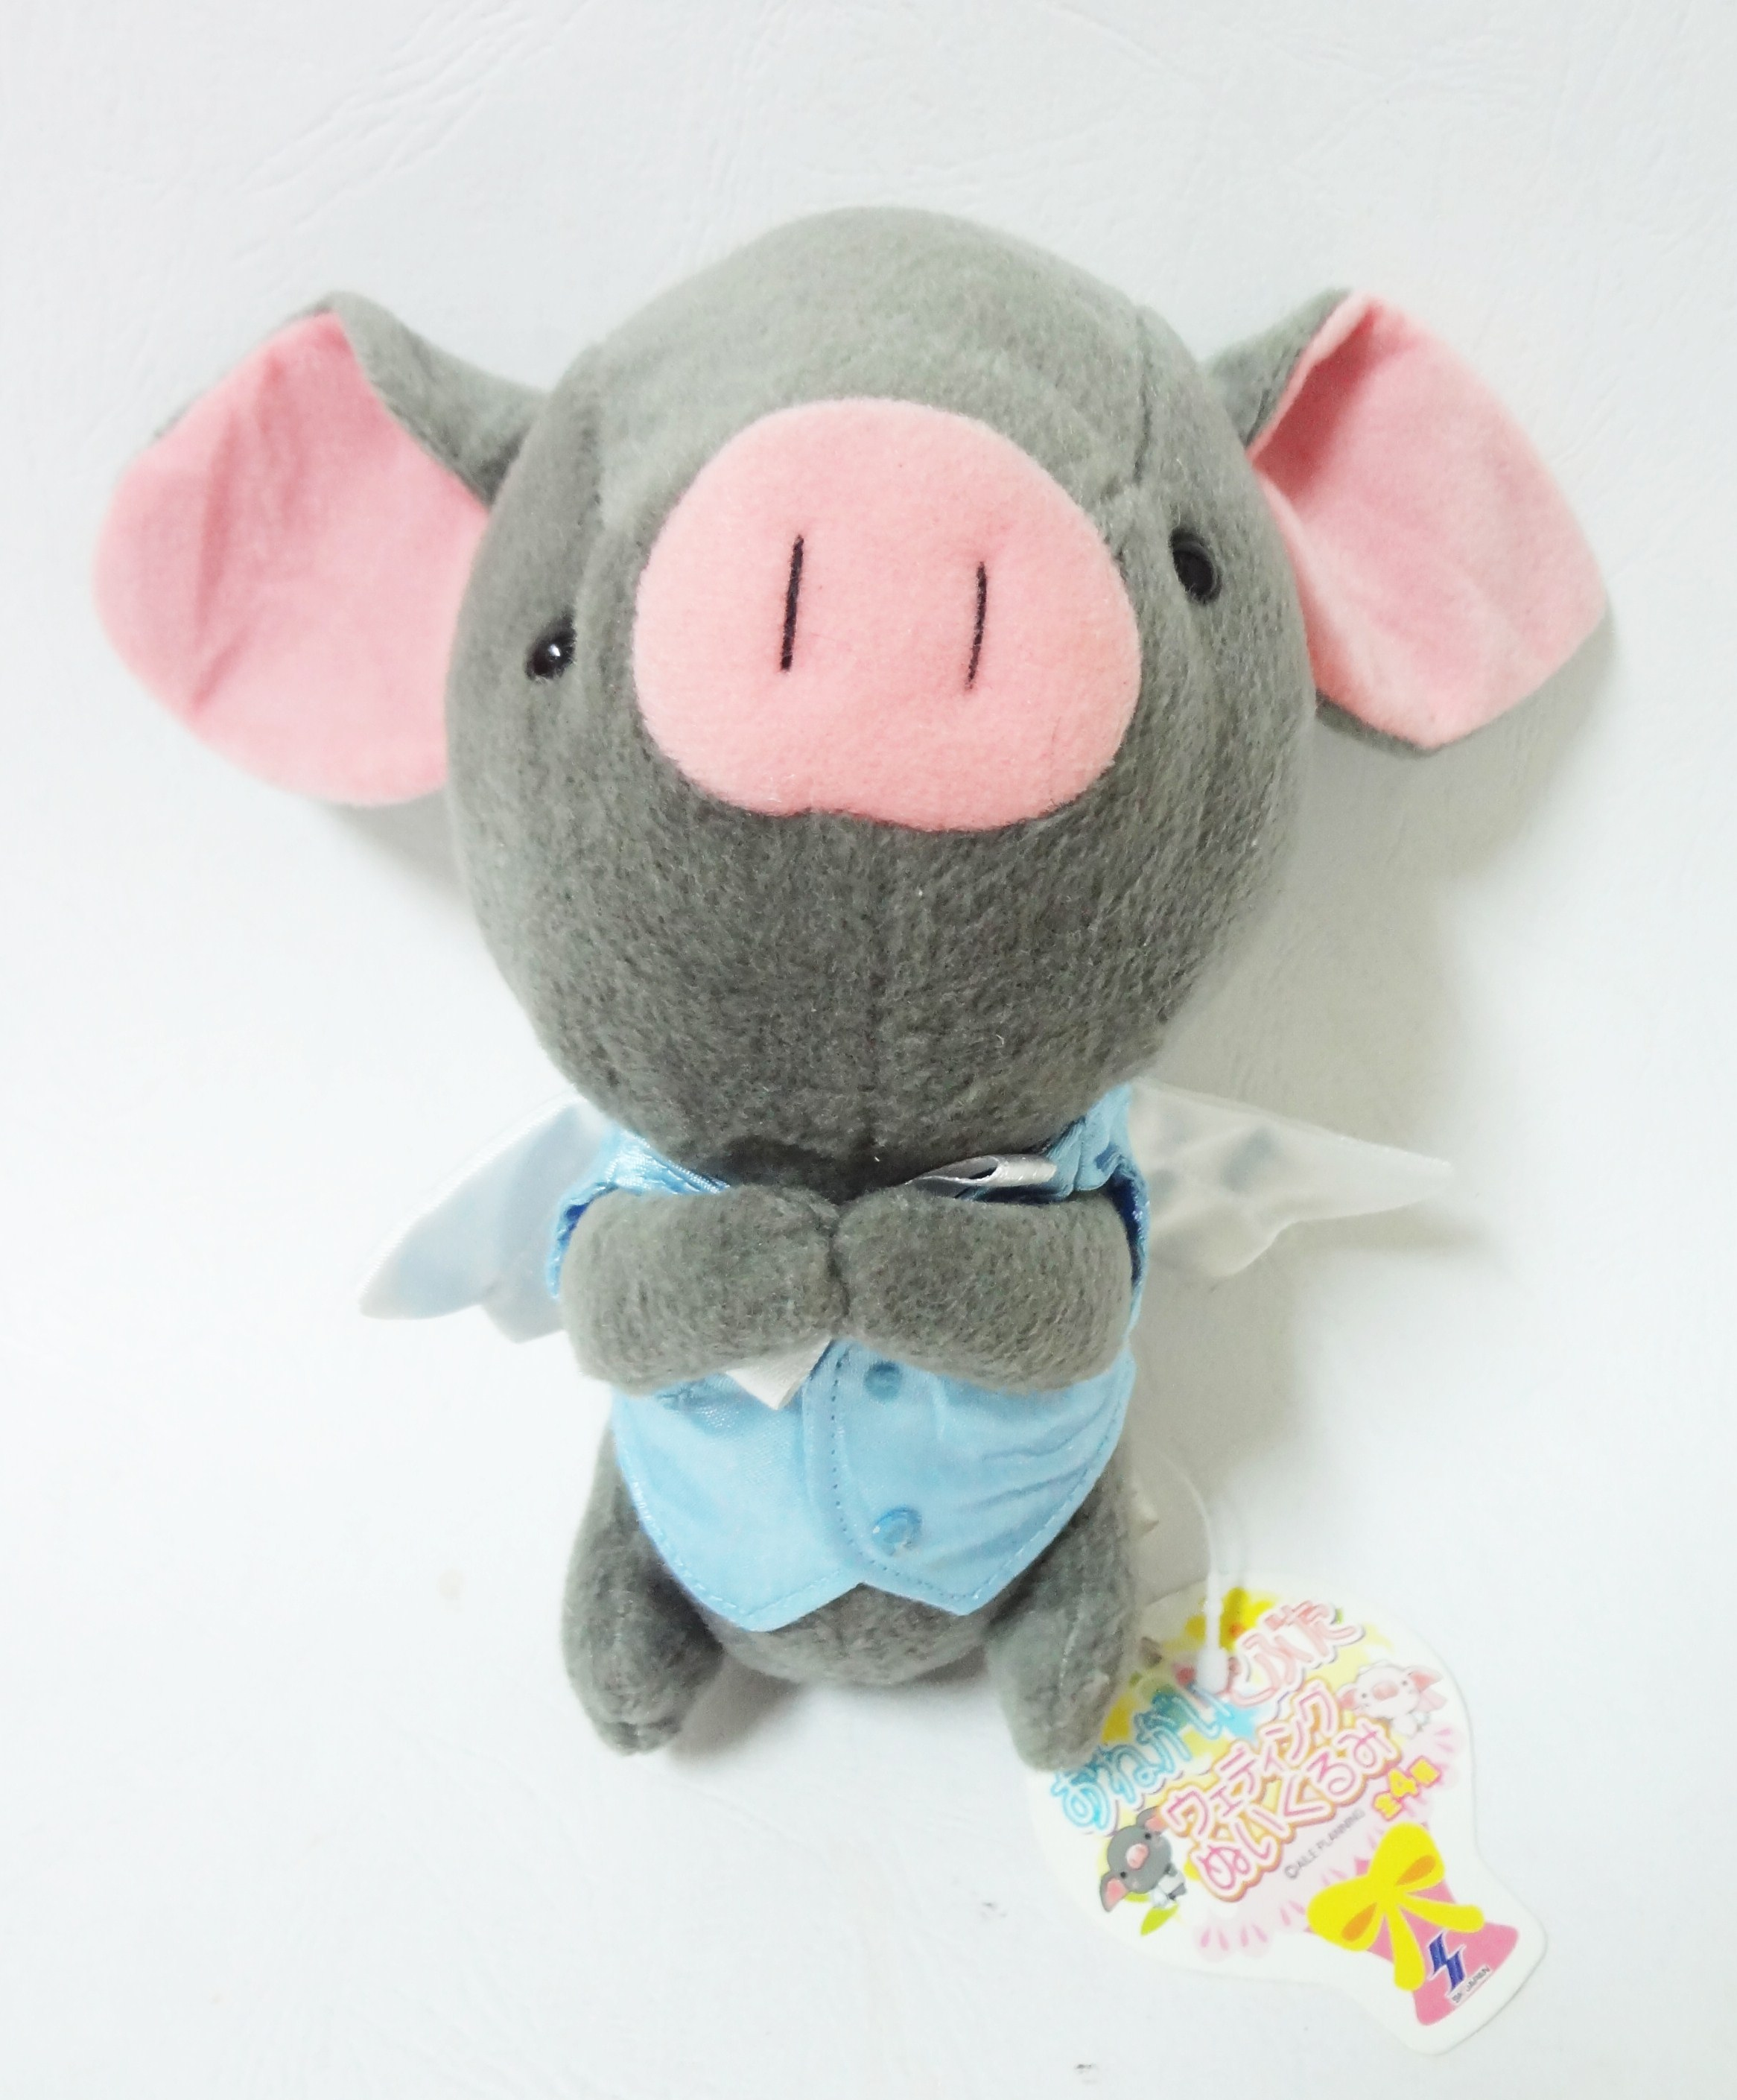 ตุ๊กตาหมูสีเทา Onegai Kobuta